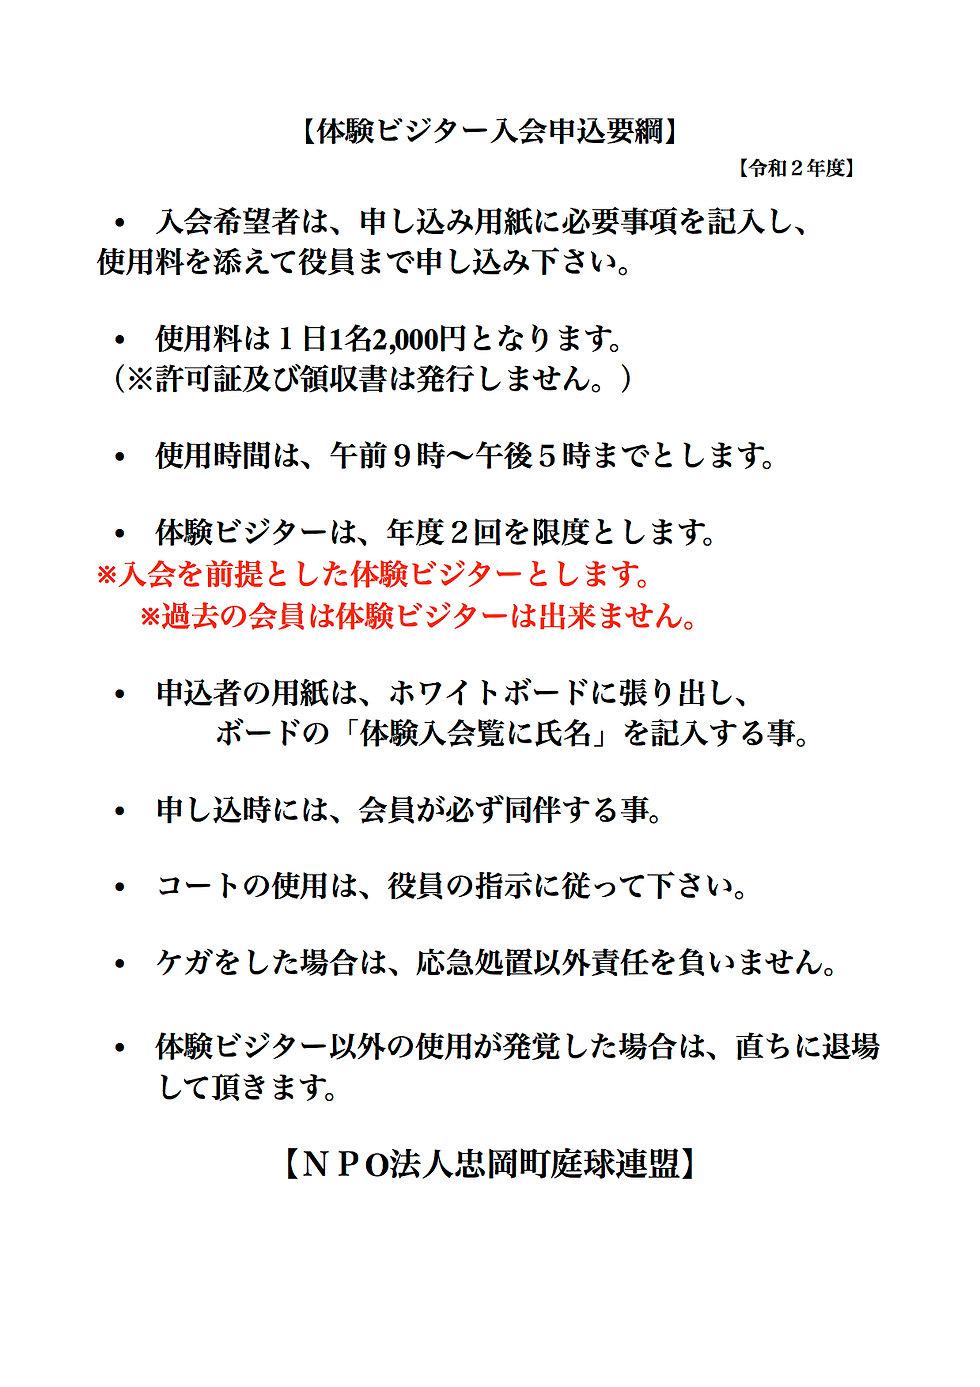 体験ビジター申込要綱(令和2年度).jpg